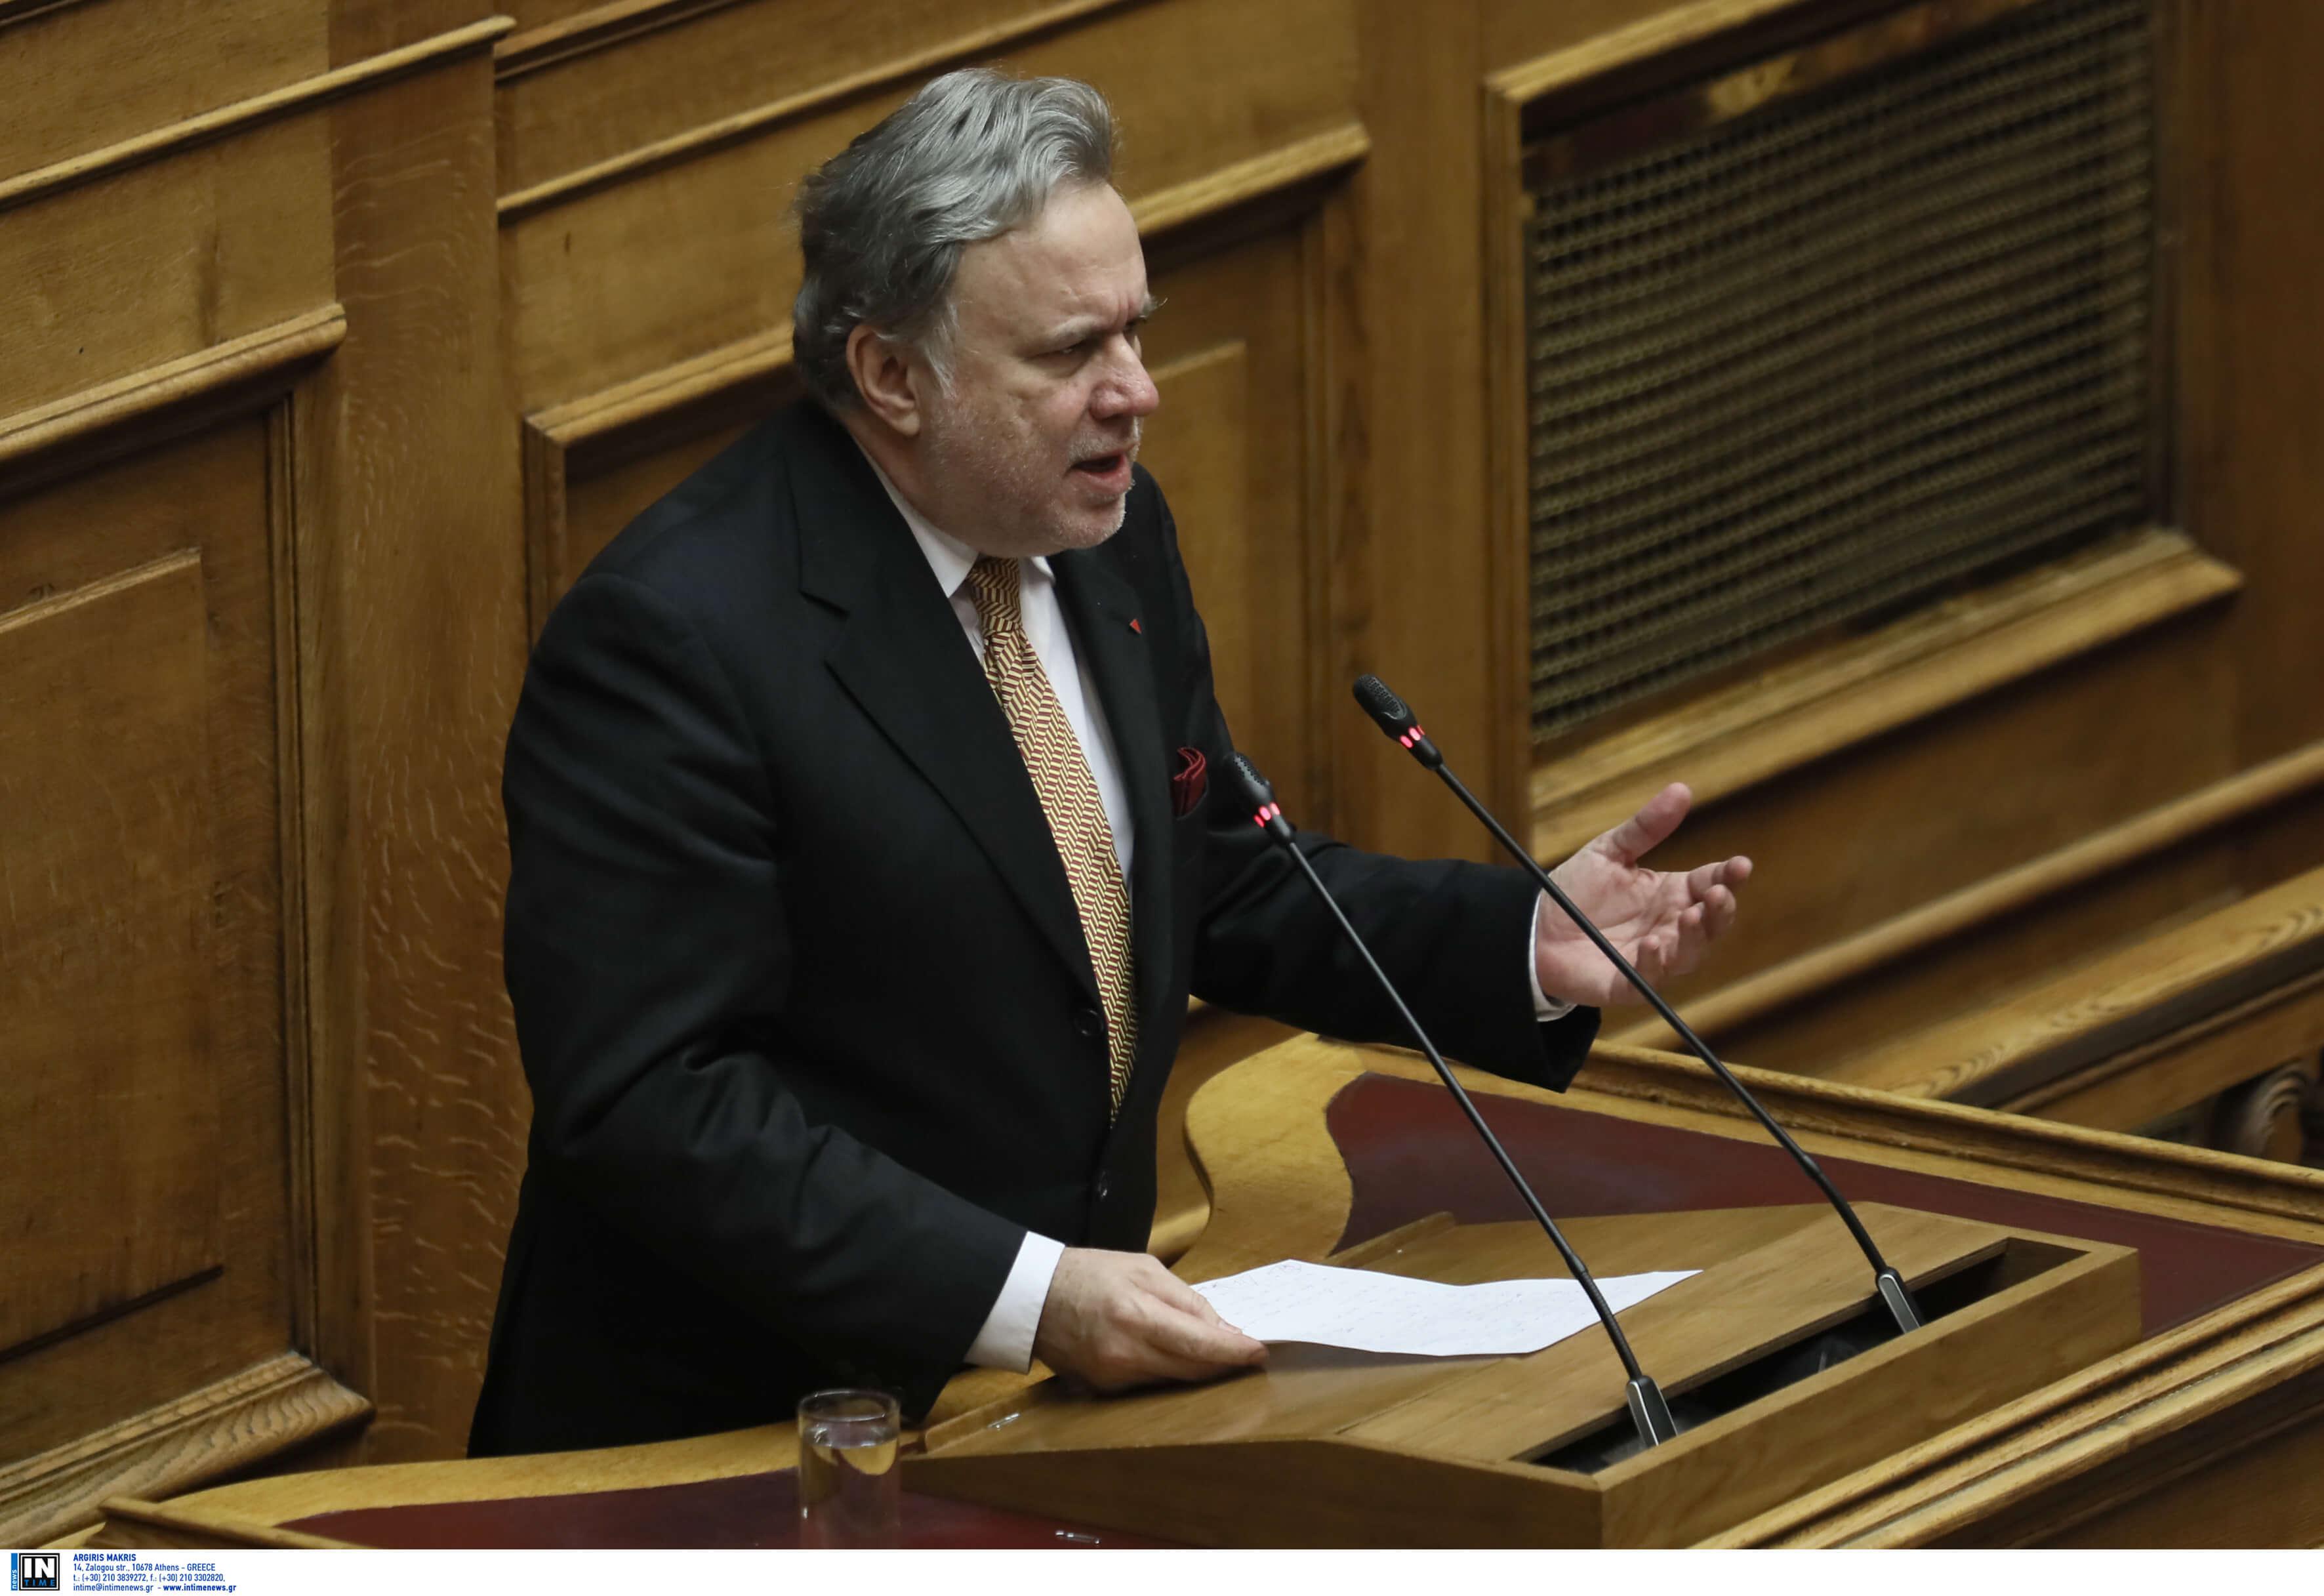 """Κατρούγκαλος απαντά για το """"Μακεδονία ξακουστή"""" – """"Δεν γίνεται αναφορά σε άσματα στη Συμφωνία των Πρεσπών"""""""